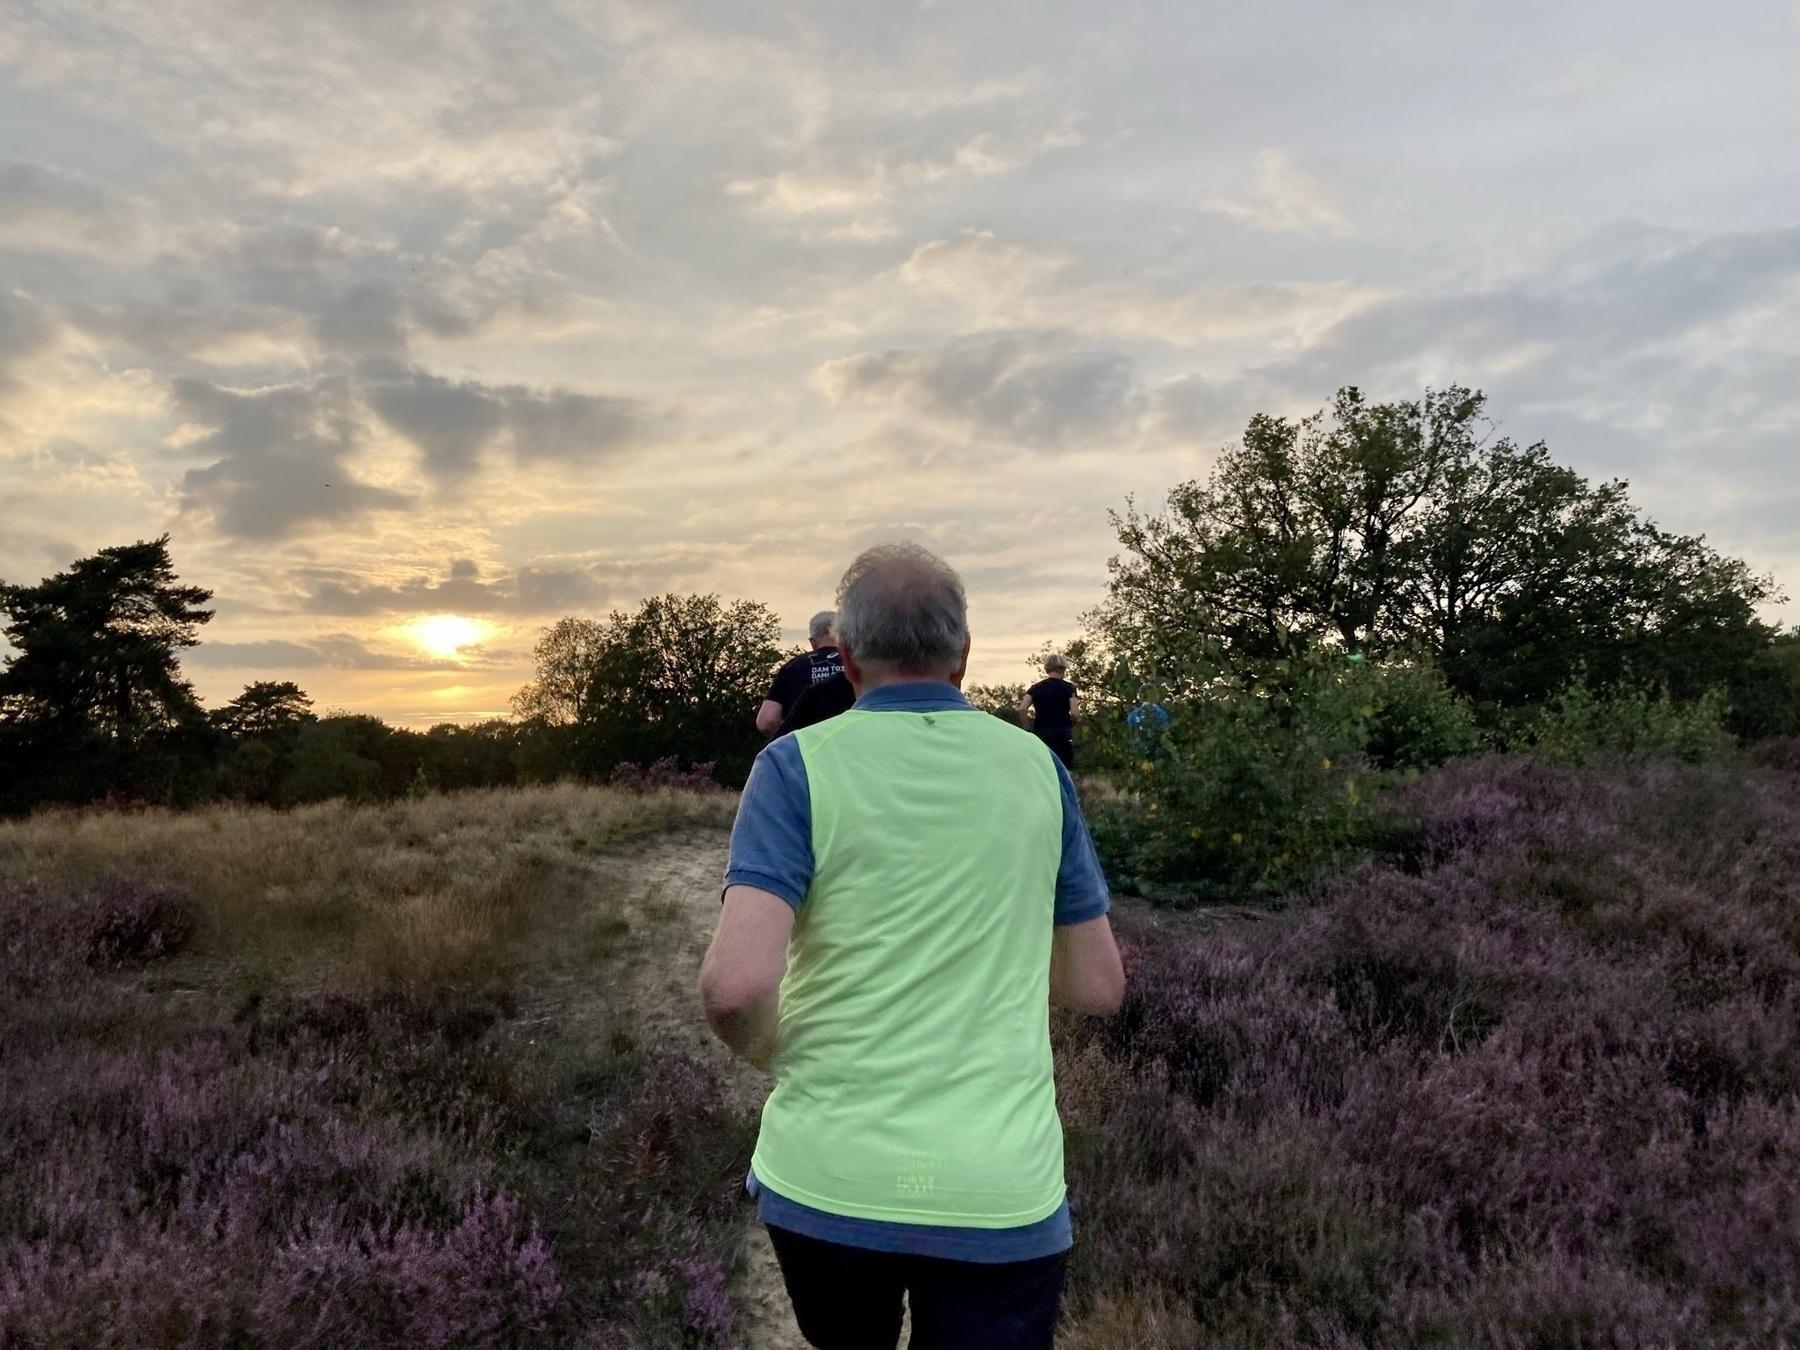 Hardlopen tegen zonsondergang in de zomer.